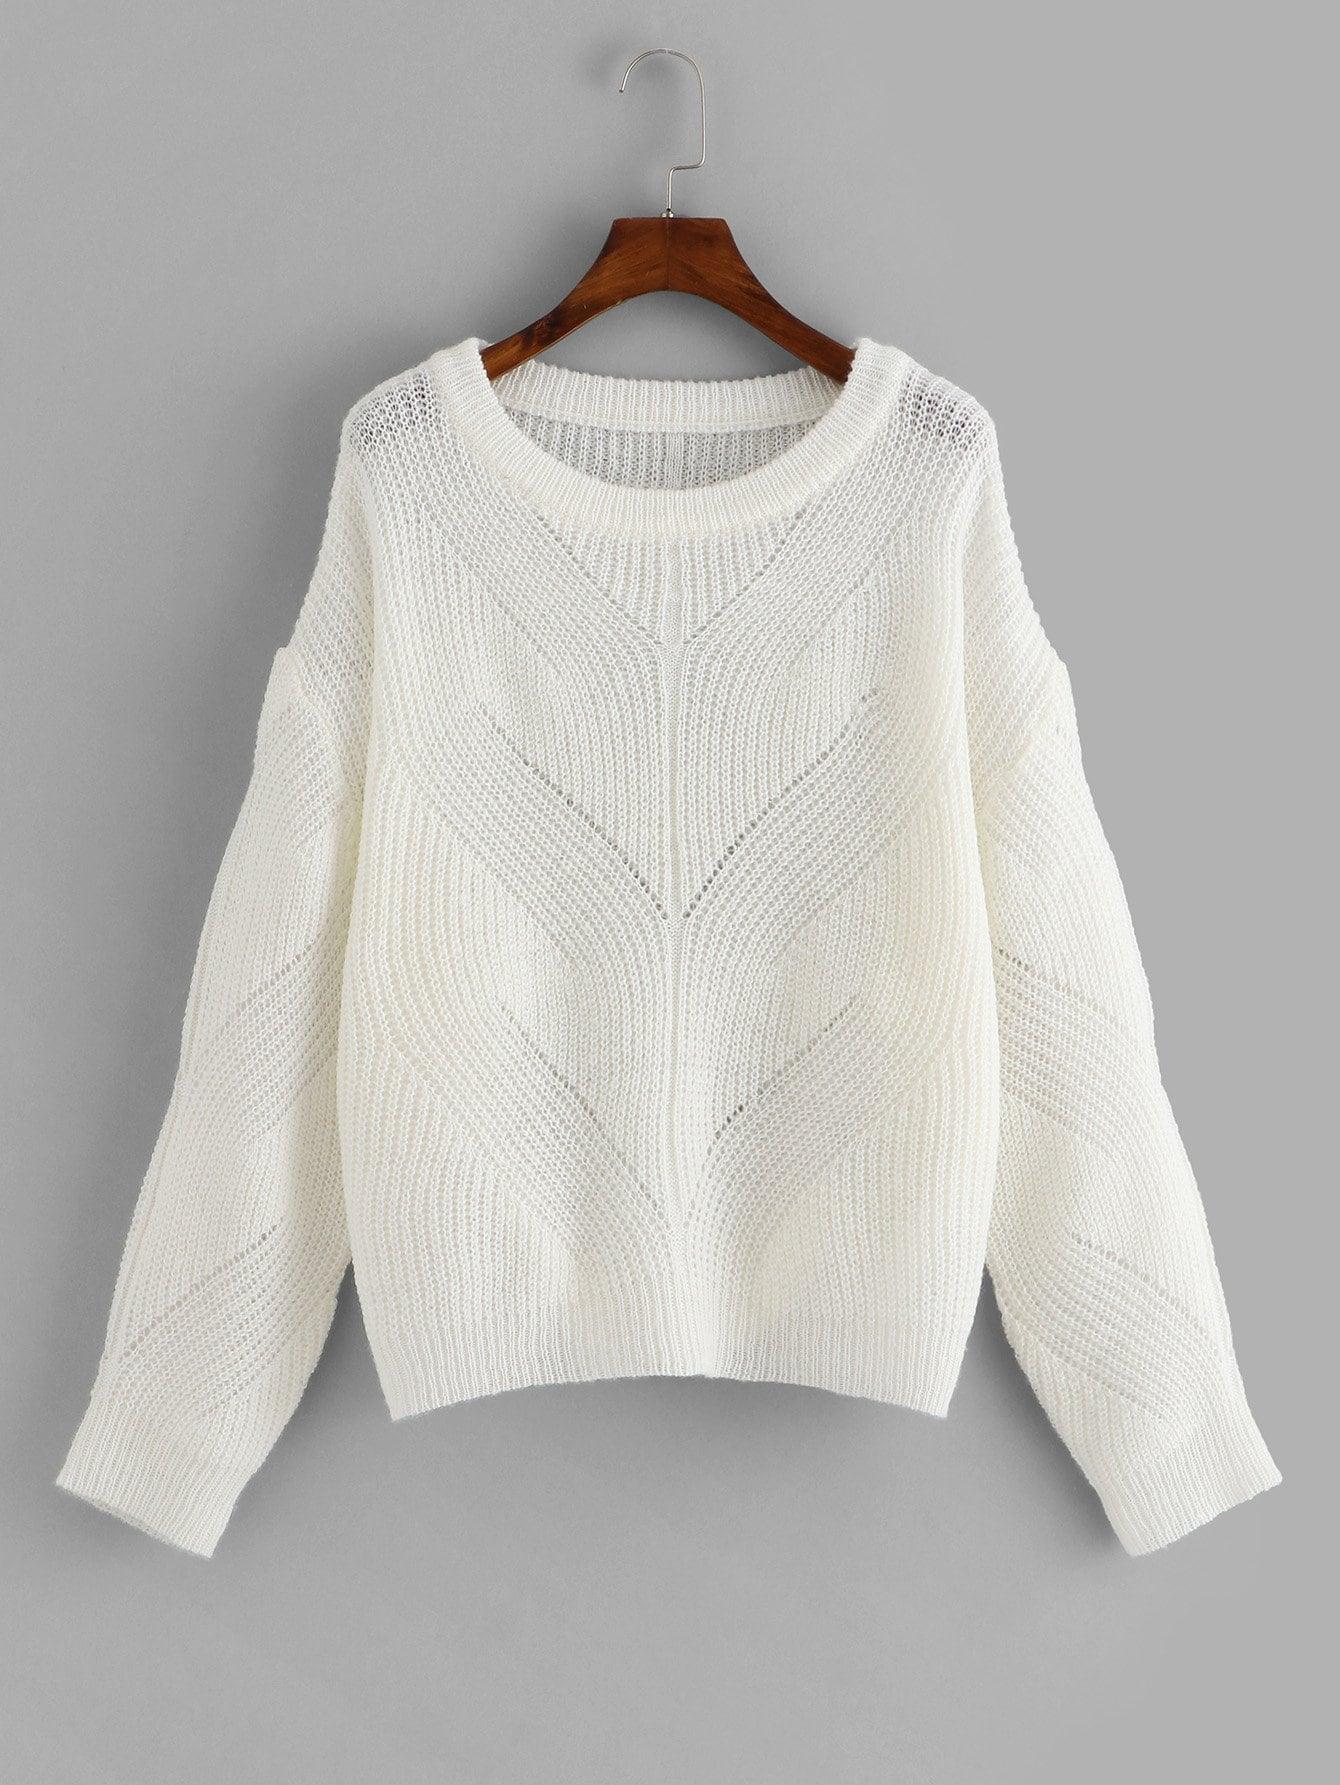 Фото - Плюс размеры свитер с заниженной линией плеч от SheIn цвет белые